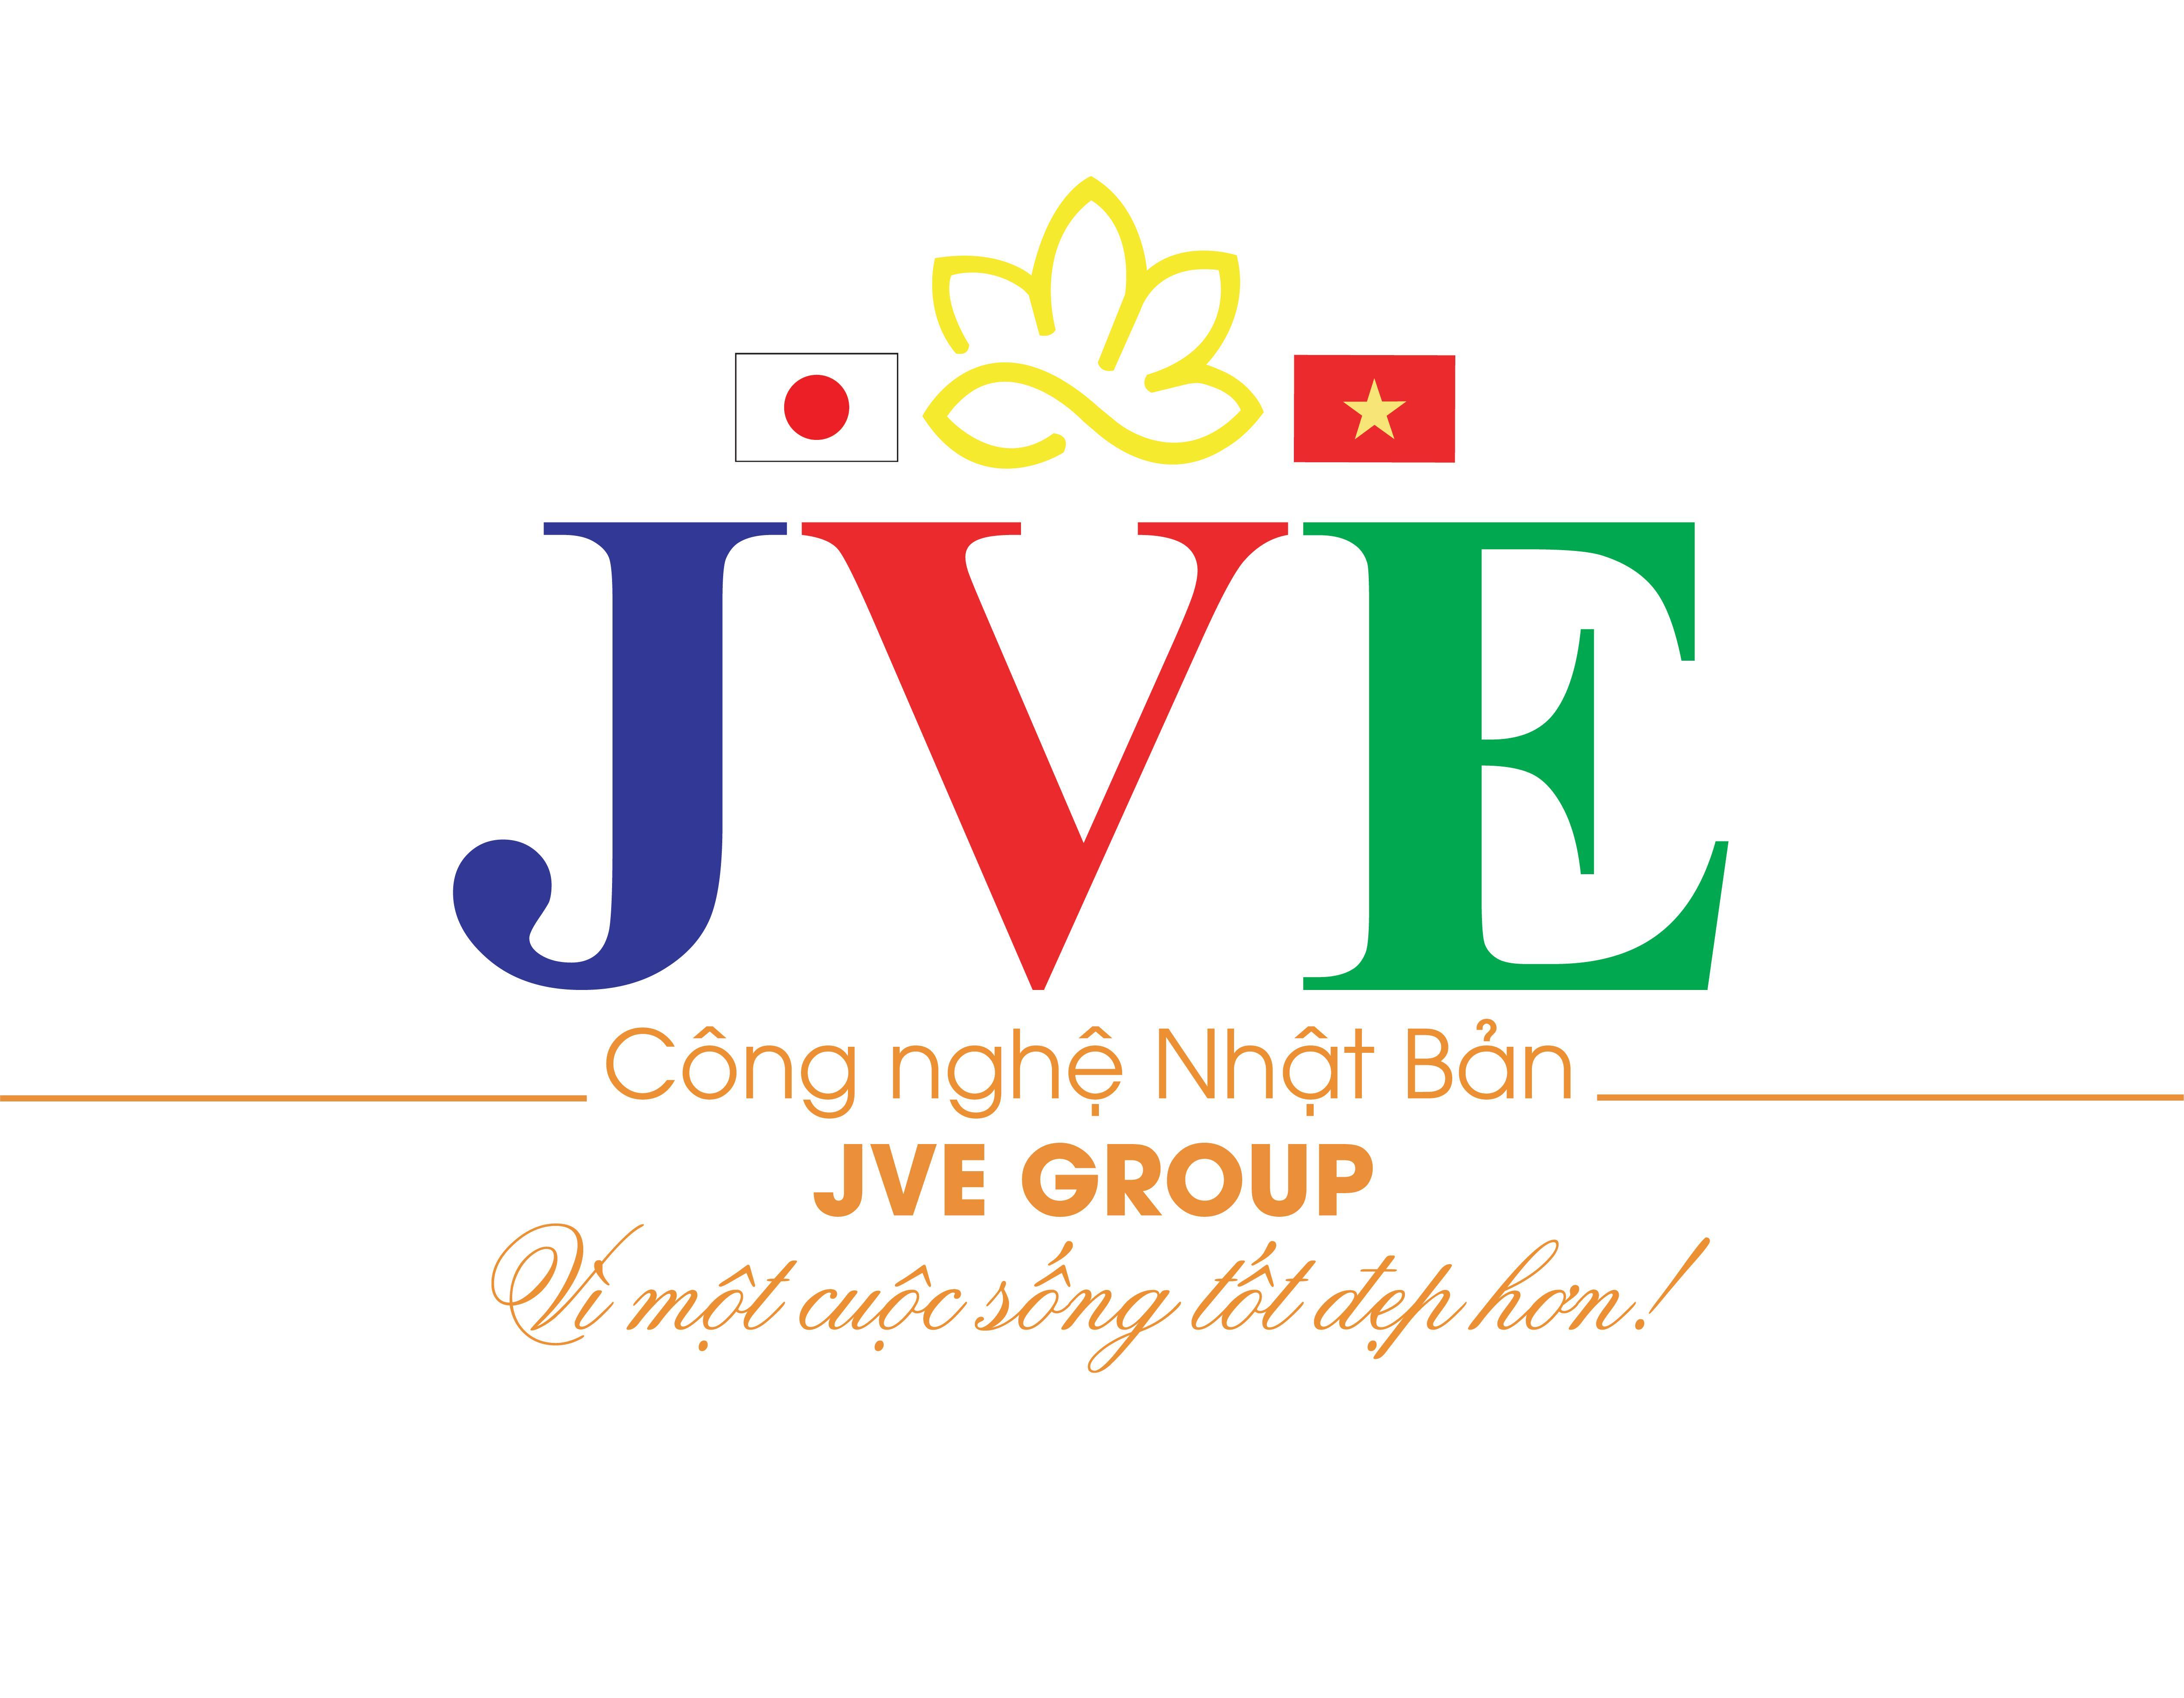 Công ty cổ phần tập đoàn môi trường Nhật Việt JVE